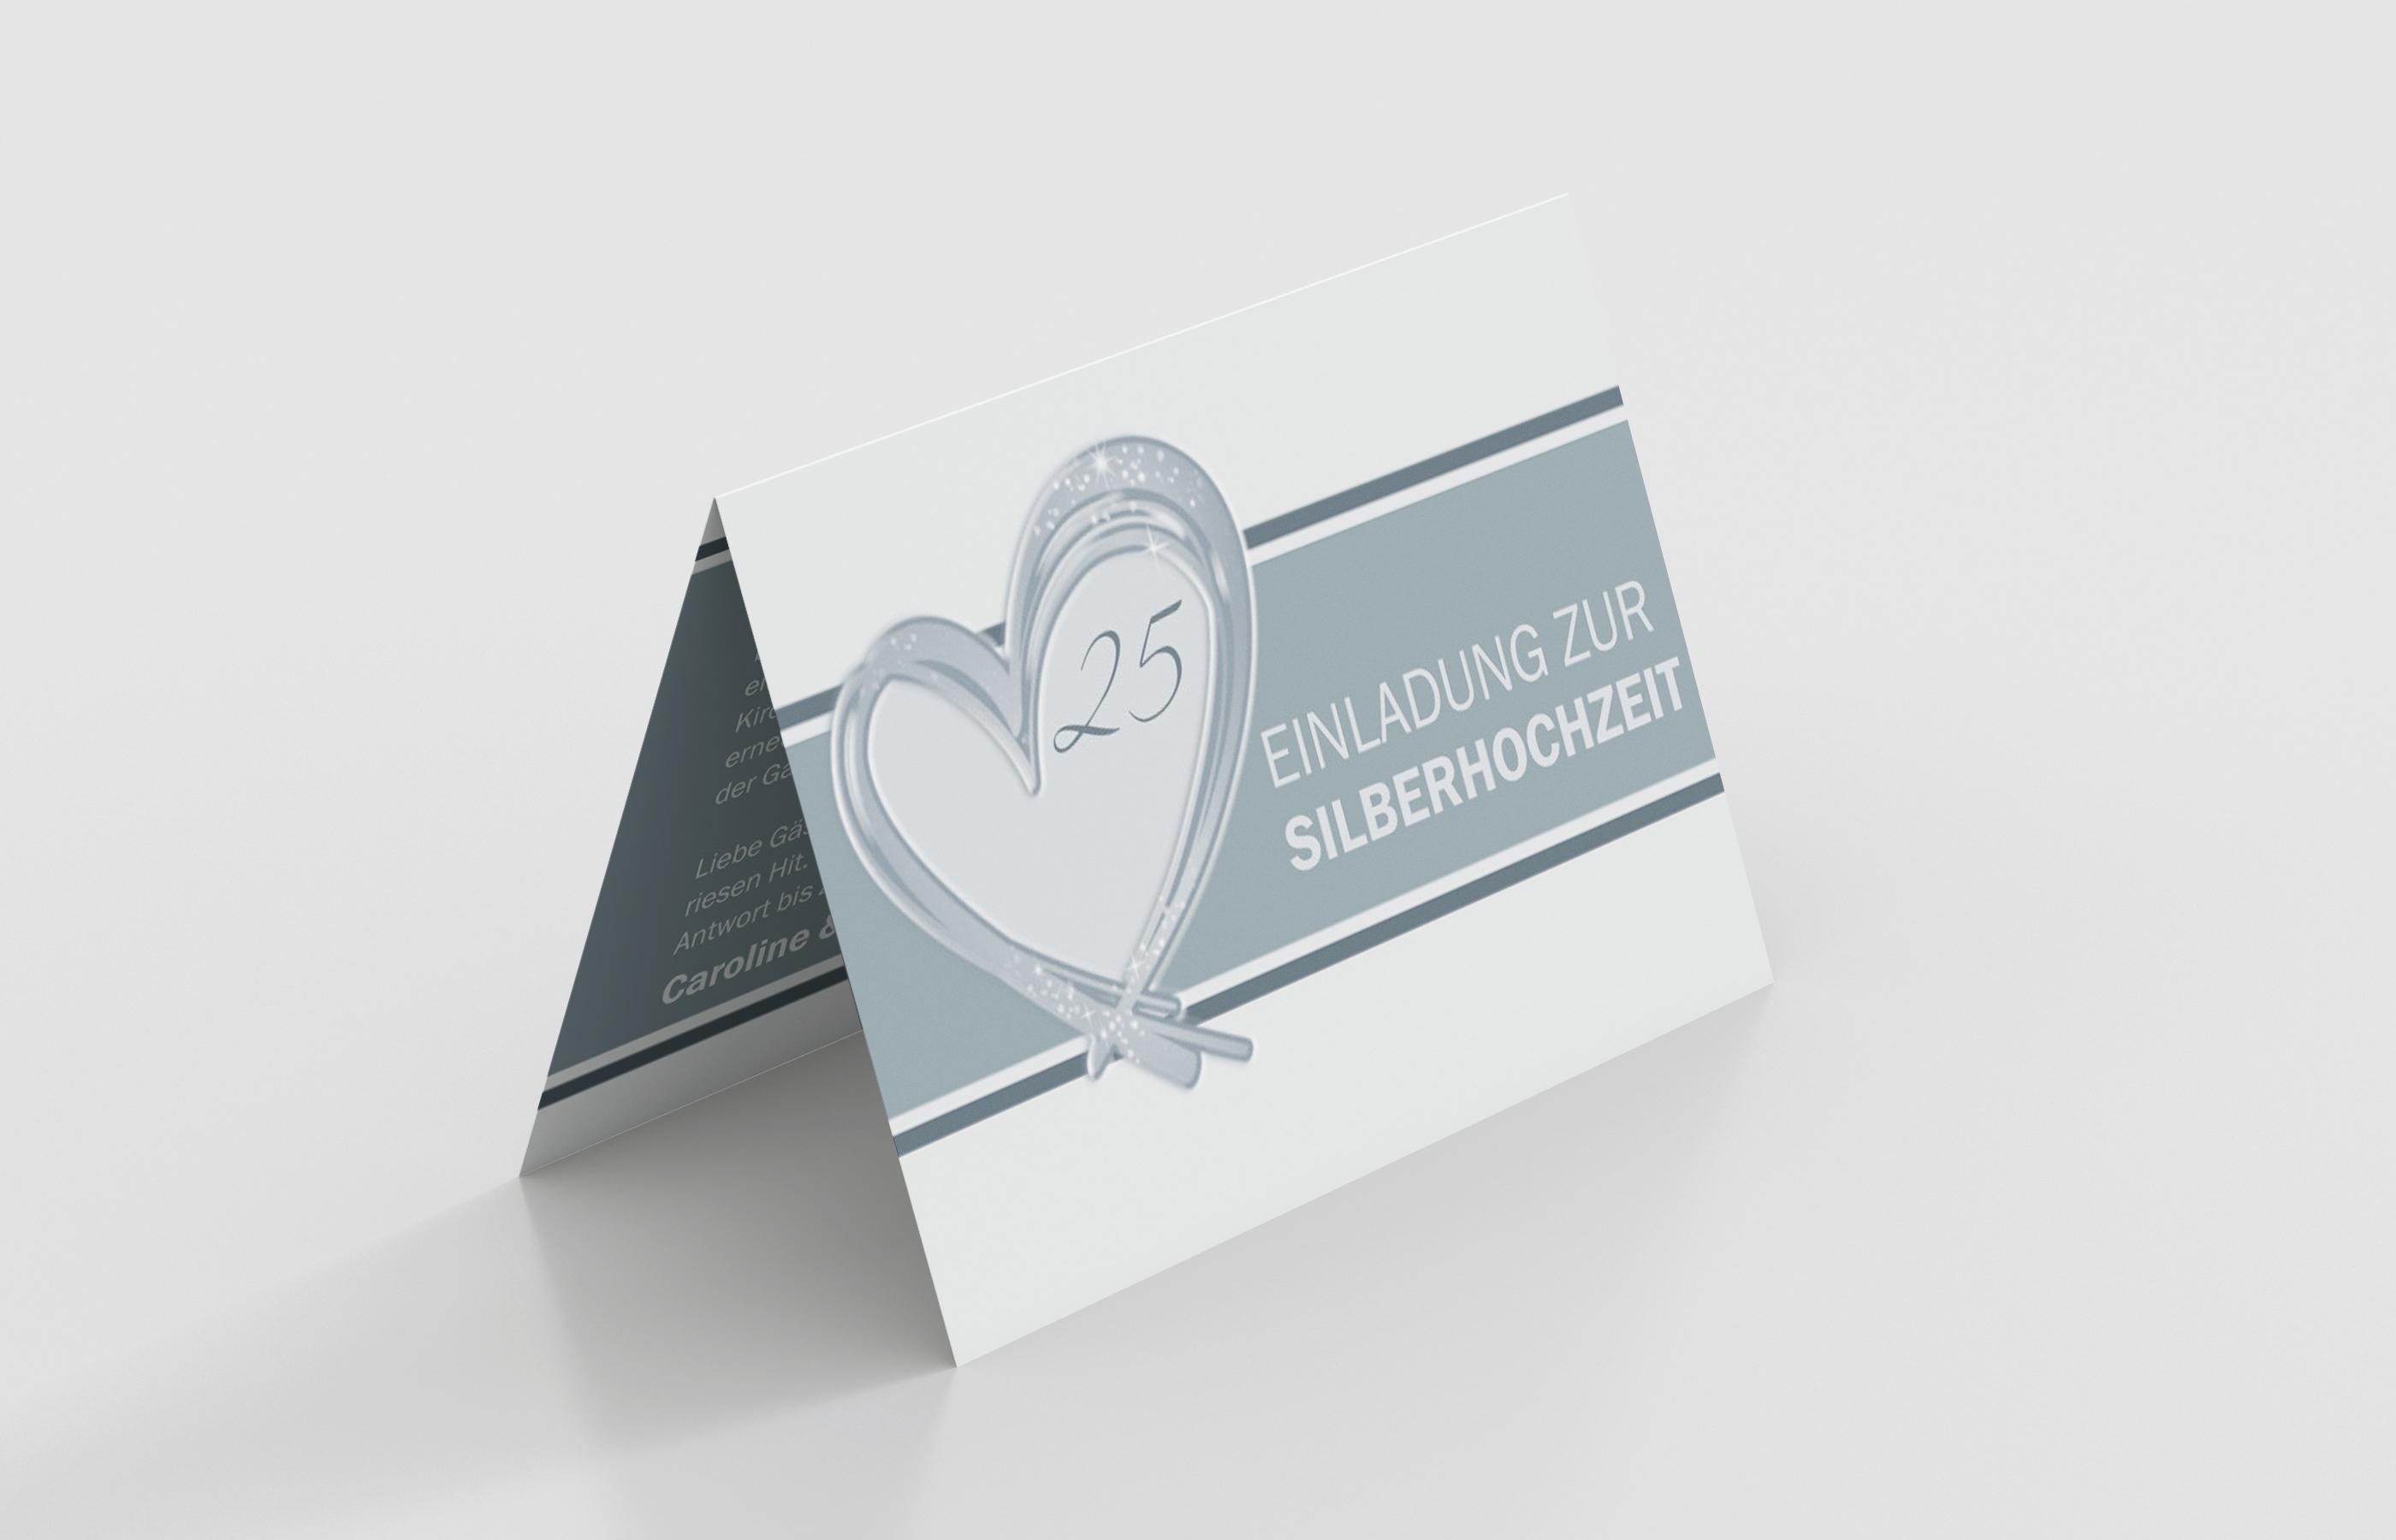 Einladungskarte Silberhochzeit Glänzendes Herz